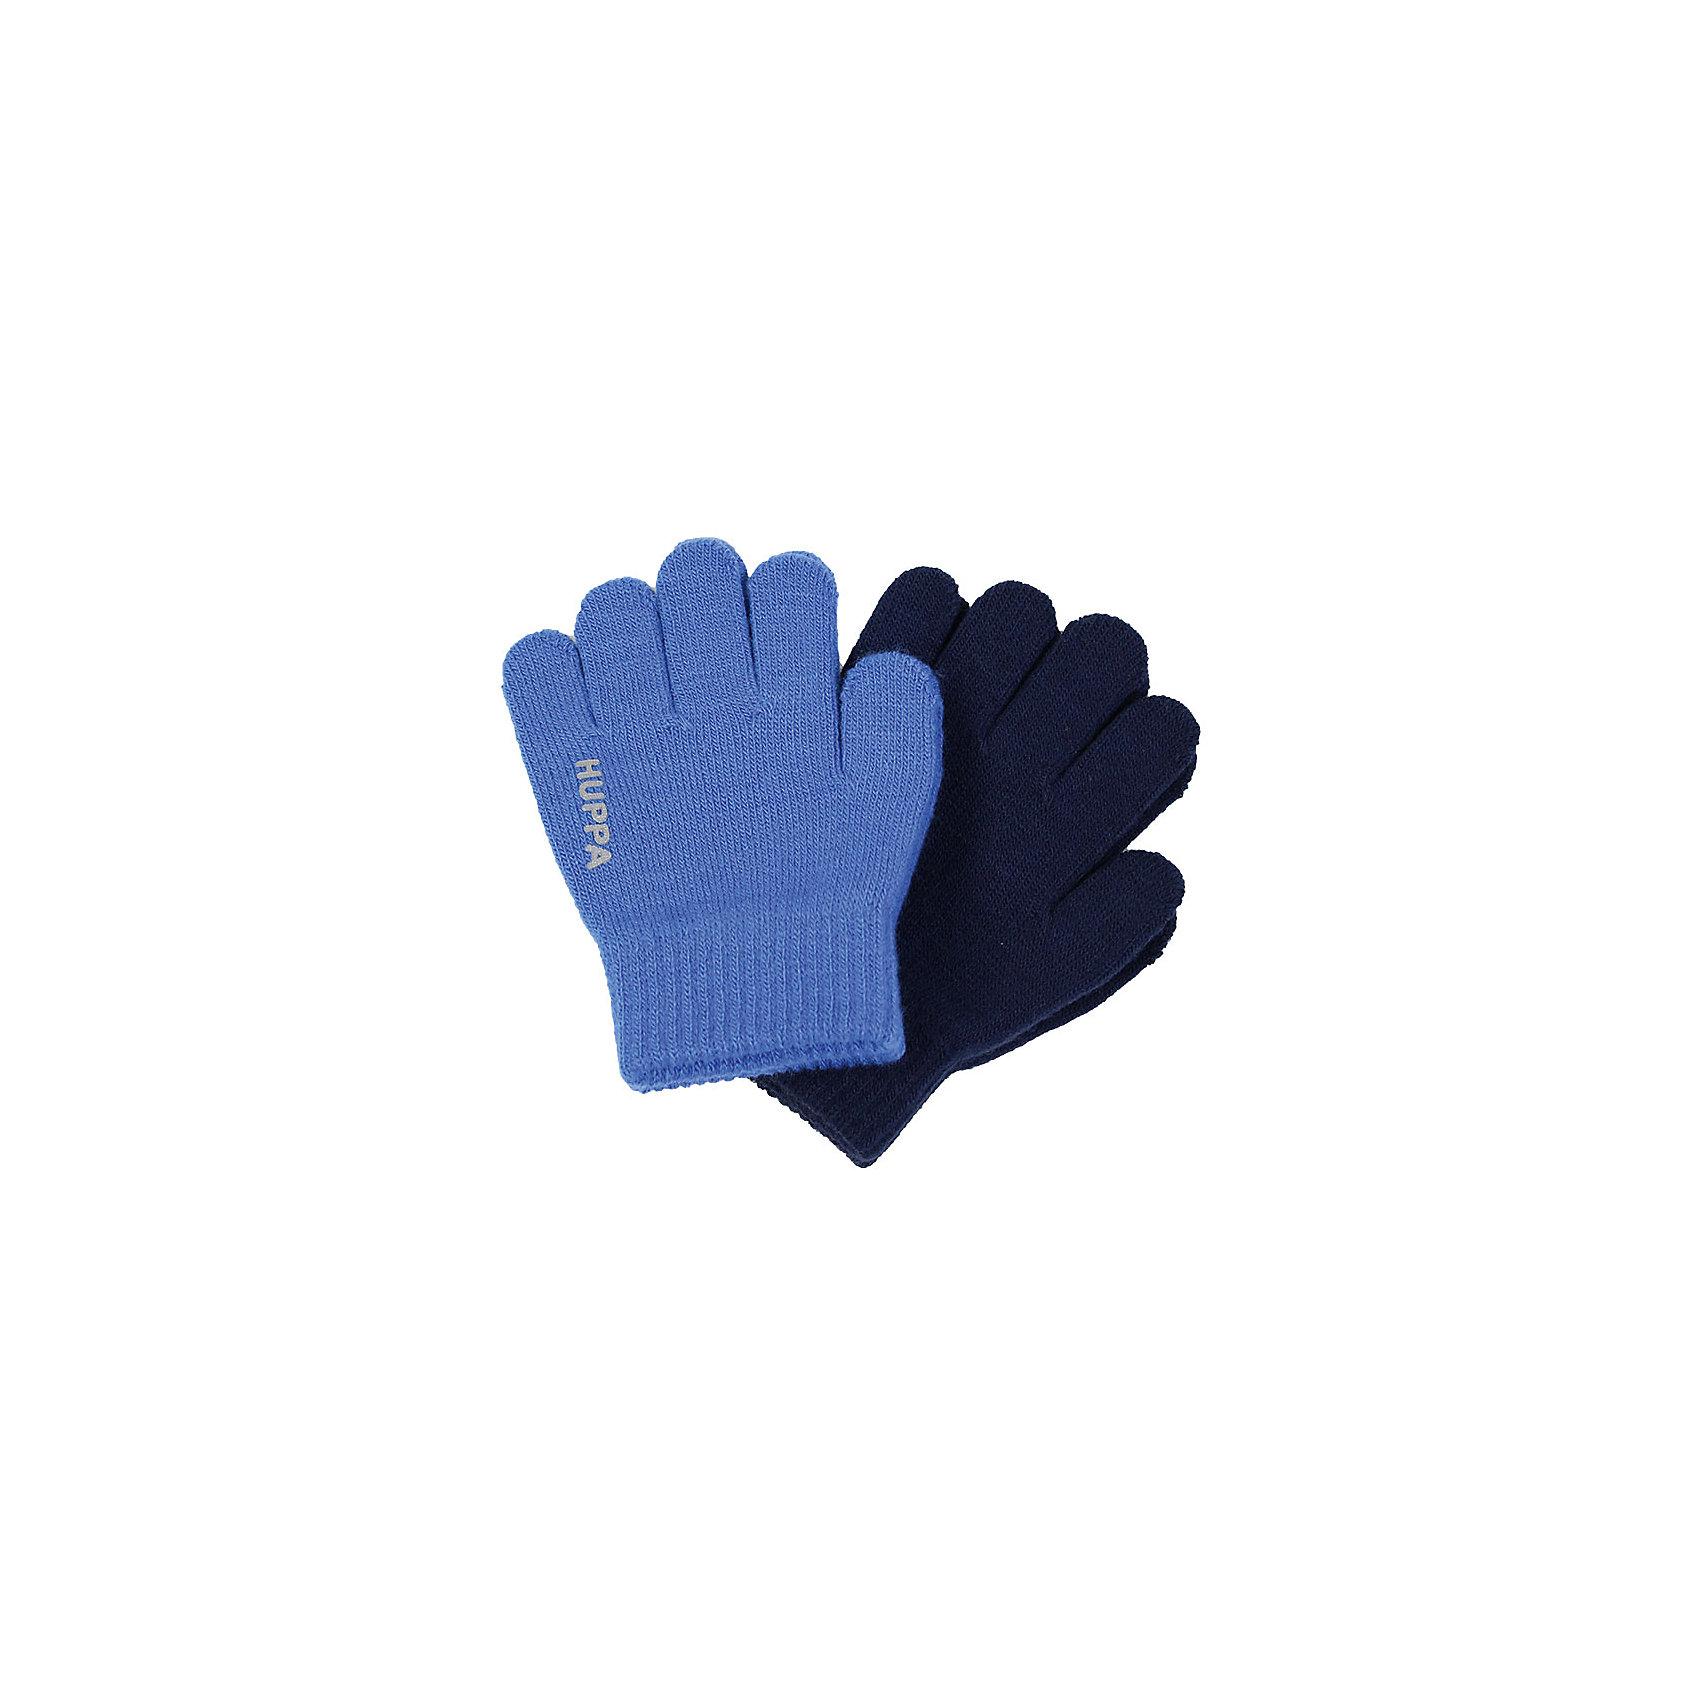 Перчатки Huppa Levi 2, 2 парыПерчатки, варежки<br>Характеристики товара:<br><br>• модель: Levi 2;<br>• цвет: голубой/синий;<br>• состав: 100% акрил; <br>• без дополнительного утепления;<br>• сезон: зима;<br>• температурный режим: от +10°С до -20°С;<br>• светоотражающая надпись;<br>• страна бренда: Финляндия;<br>• страна изготовитель: Эстония.<br><br>Вязаные перчатки Levi 2 от Хуппа. В комплекте 2 пары перчаток. Можно носить в демисезон как отдельный элемент одежды или поддевать зимой как дополнительный слой.<br><br>Перчатки Huppa Levi 2 (Хуппа) можно купить в нашем интернет-магазине.<br><br>Ширина мм: 162<br>Глубина мм: 171<br>Высота мм: 55<br>Вес г: 119<br>Цвет: синий<br>Возраст от месяцев: 48<br>Возраст до месяцев: 60<br>Пол: Унисекс<br>Возраст: Детский<br>Размер: 2,1<br>SKU: 7024233